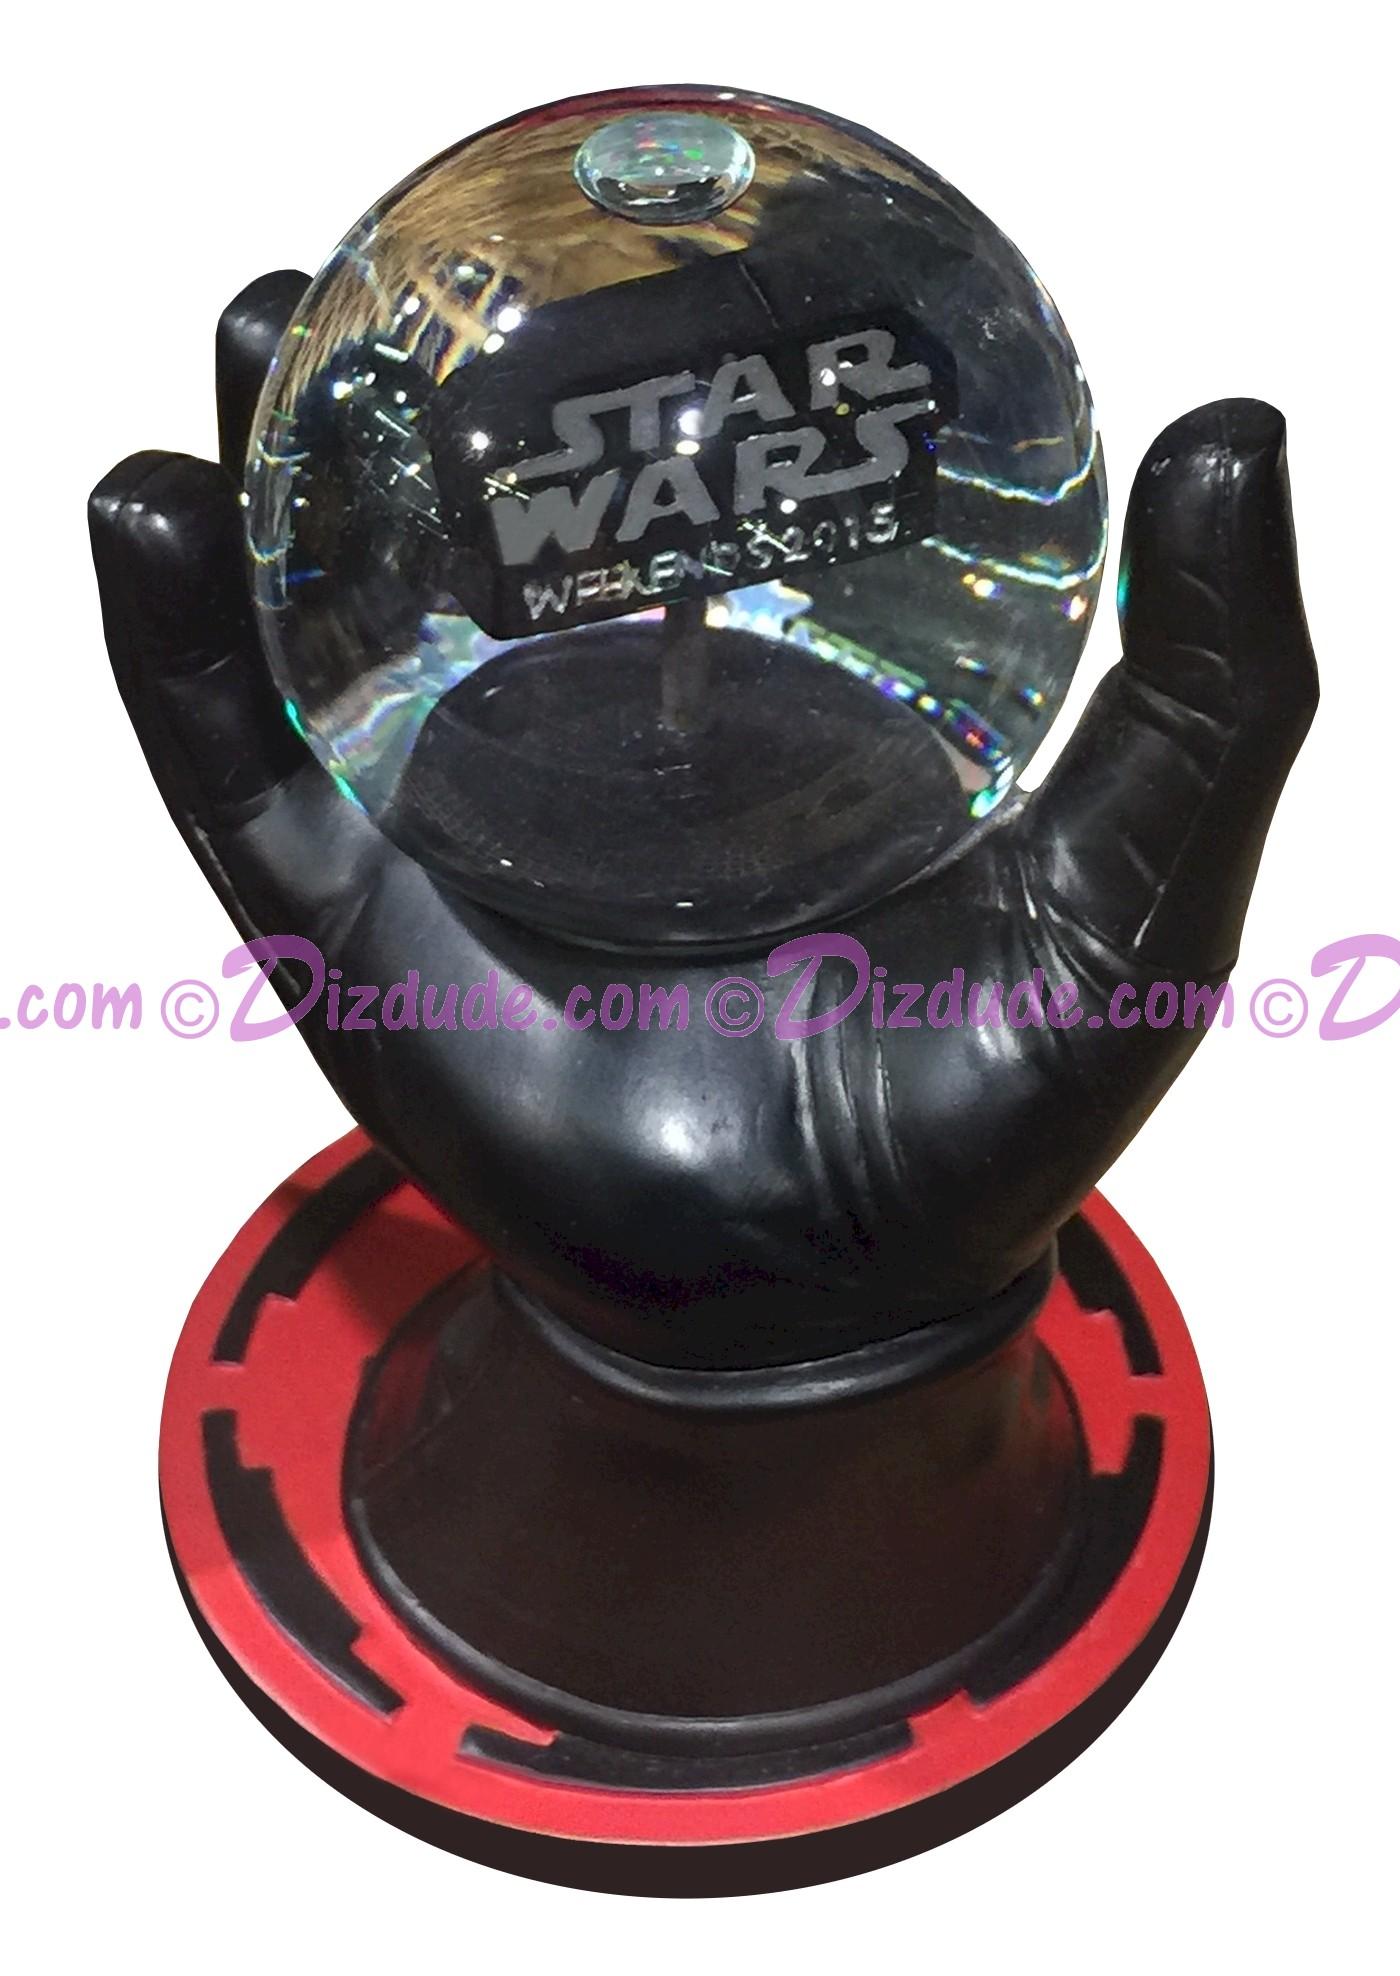 Disney Parks Star Wars Weekends 2015 Darth Vader Hand Snowglobe Snow Globe